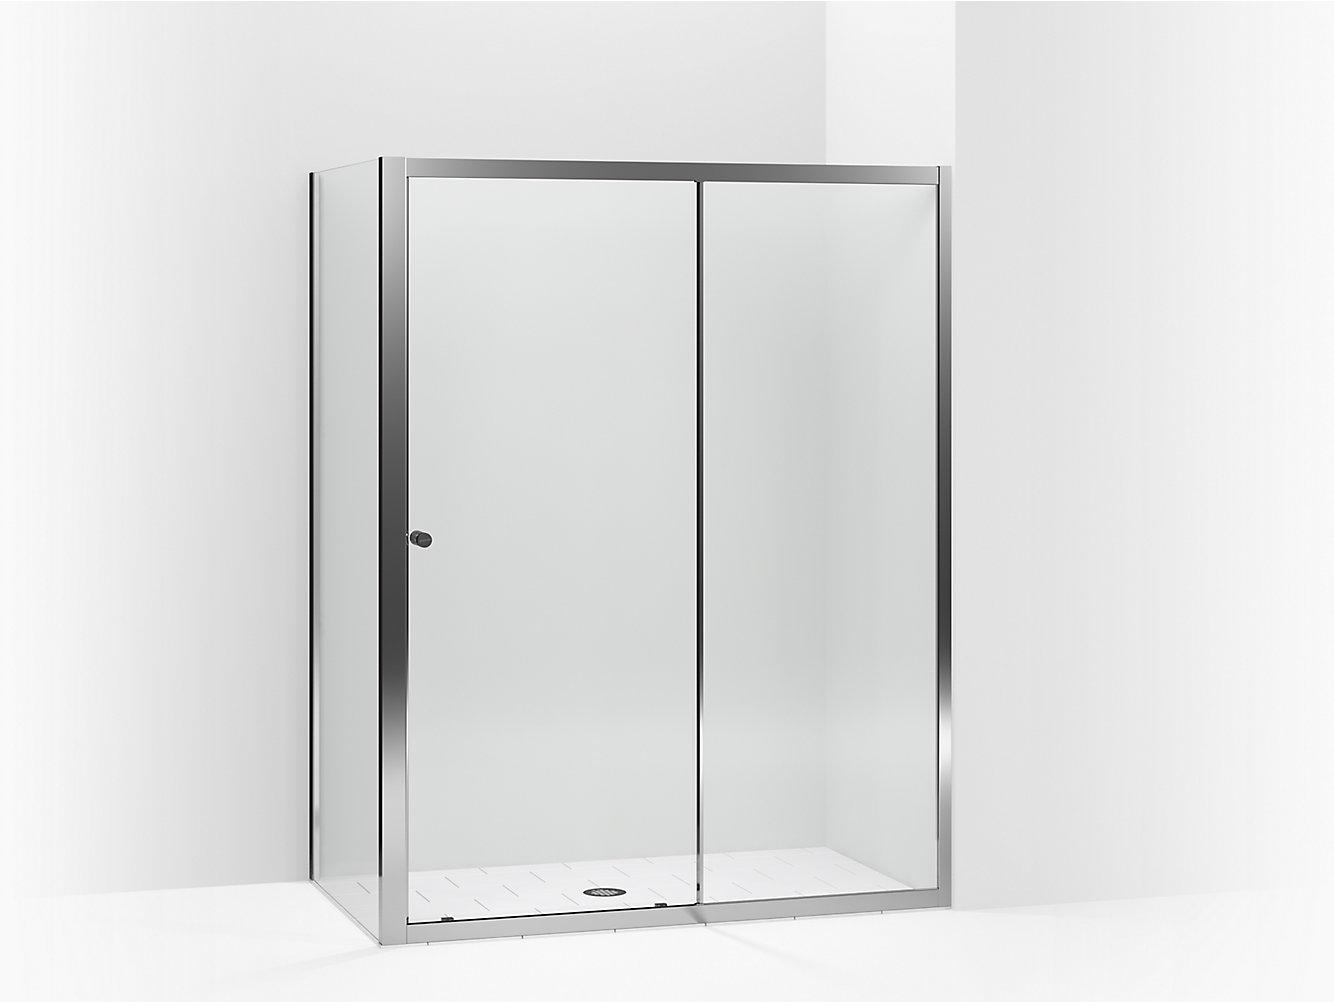 Whiston Frameless Sliding Shower Door With Return Panel For Corner